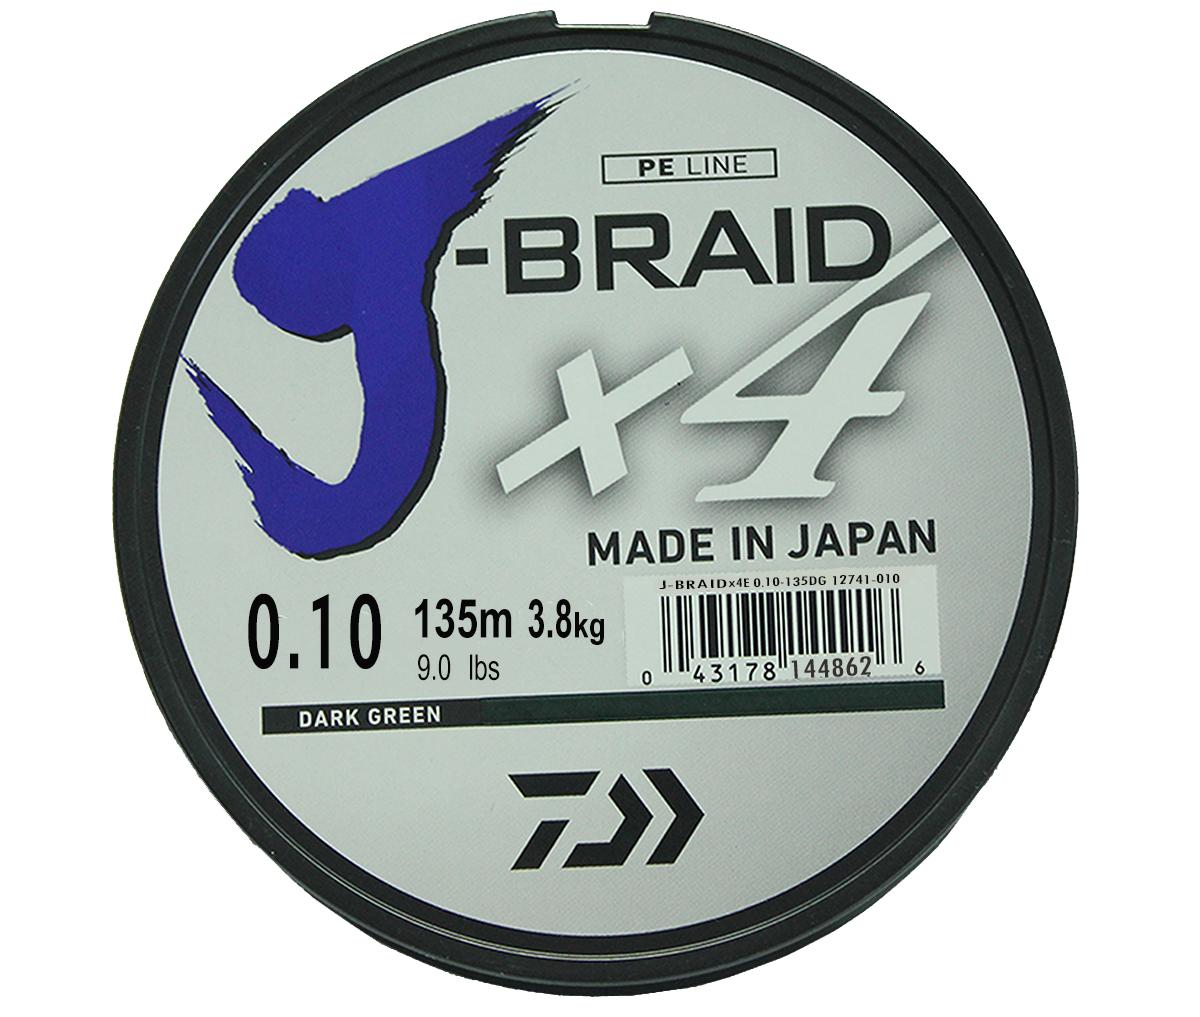 Шнур плетеный Daiwa J-Braid X4, цвет: зеленый, 135 м, 0,10 мм61159Новый 4х жильный шнур J-Braid, DAIWA - шнур высокого класса с удивительным соотношением цены и качества. Качество плетения полностью соответствует японским стандартам и удовлетворяет всем требованиям. Представленные диаметры позволяют использовать шнур для всех техник ловли, начиная от ultra- light ловли окуня, до морской ловли палтуса, трески и т.д